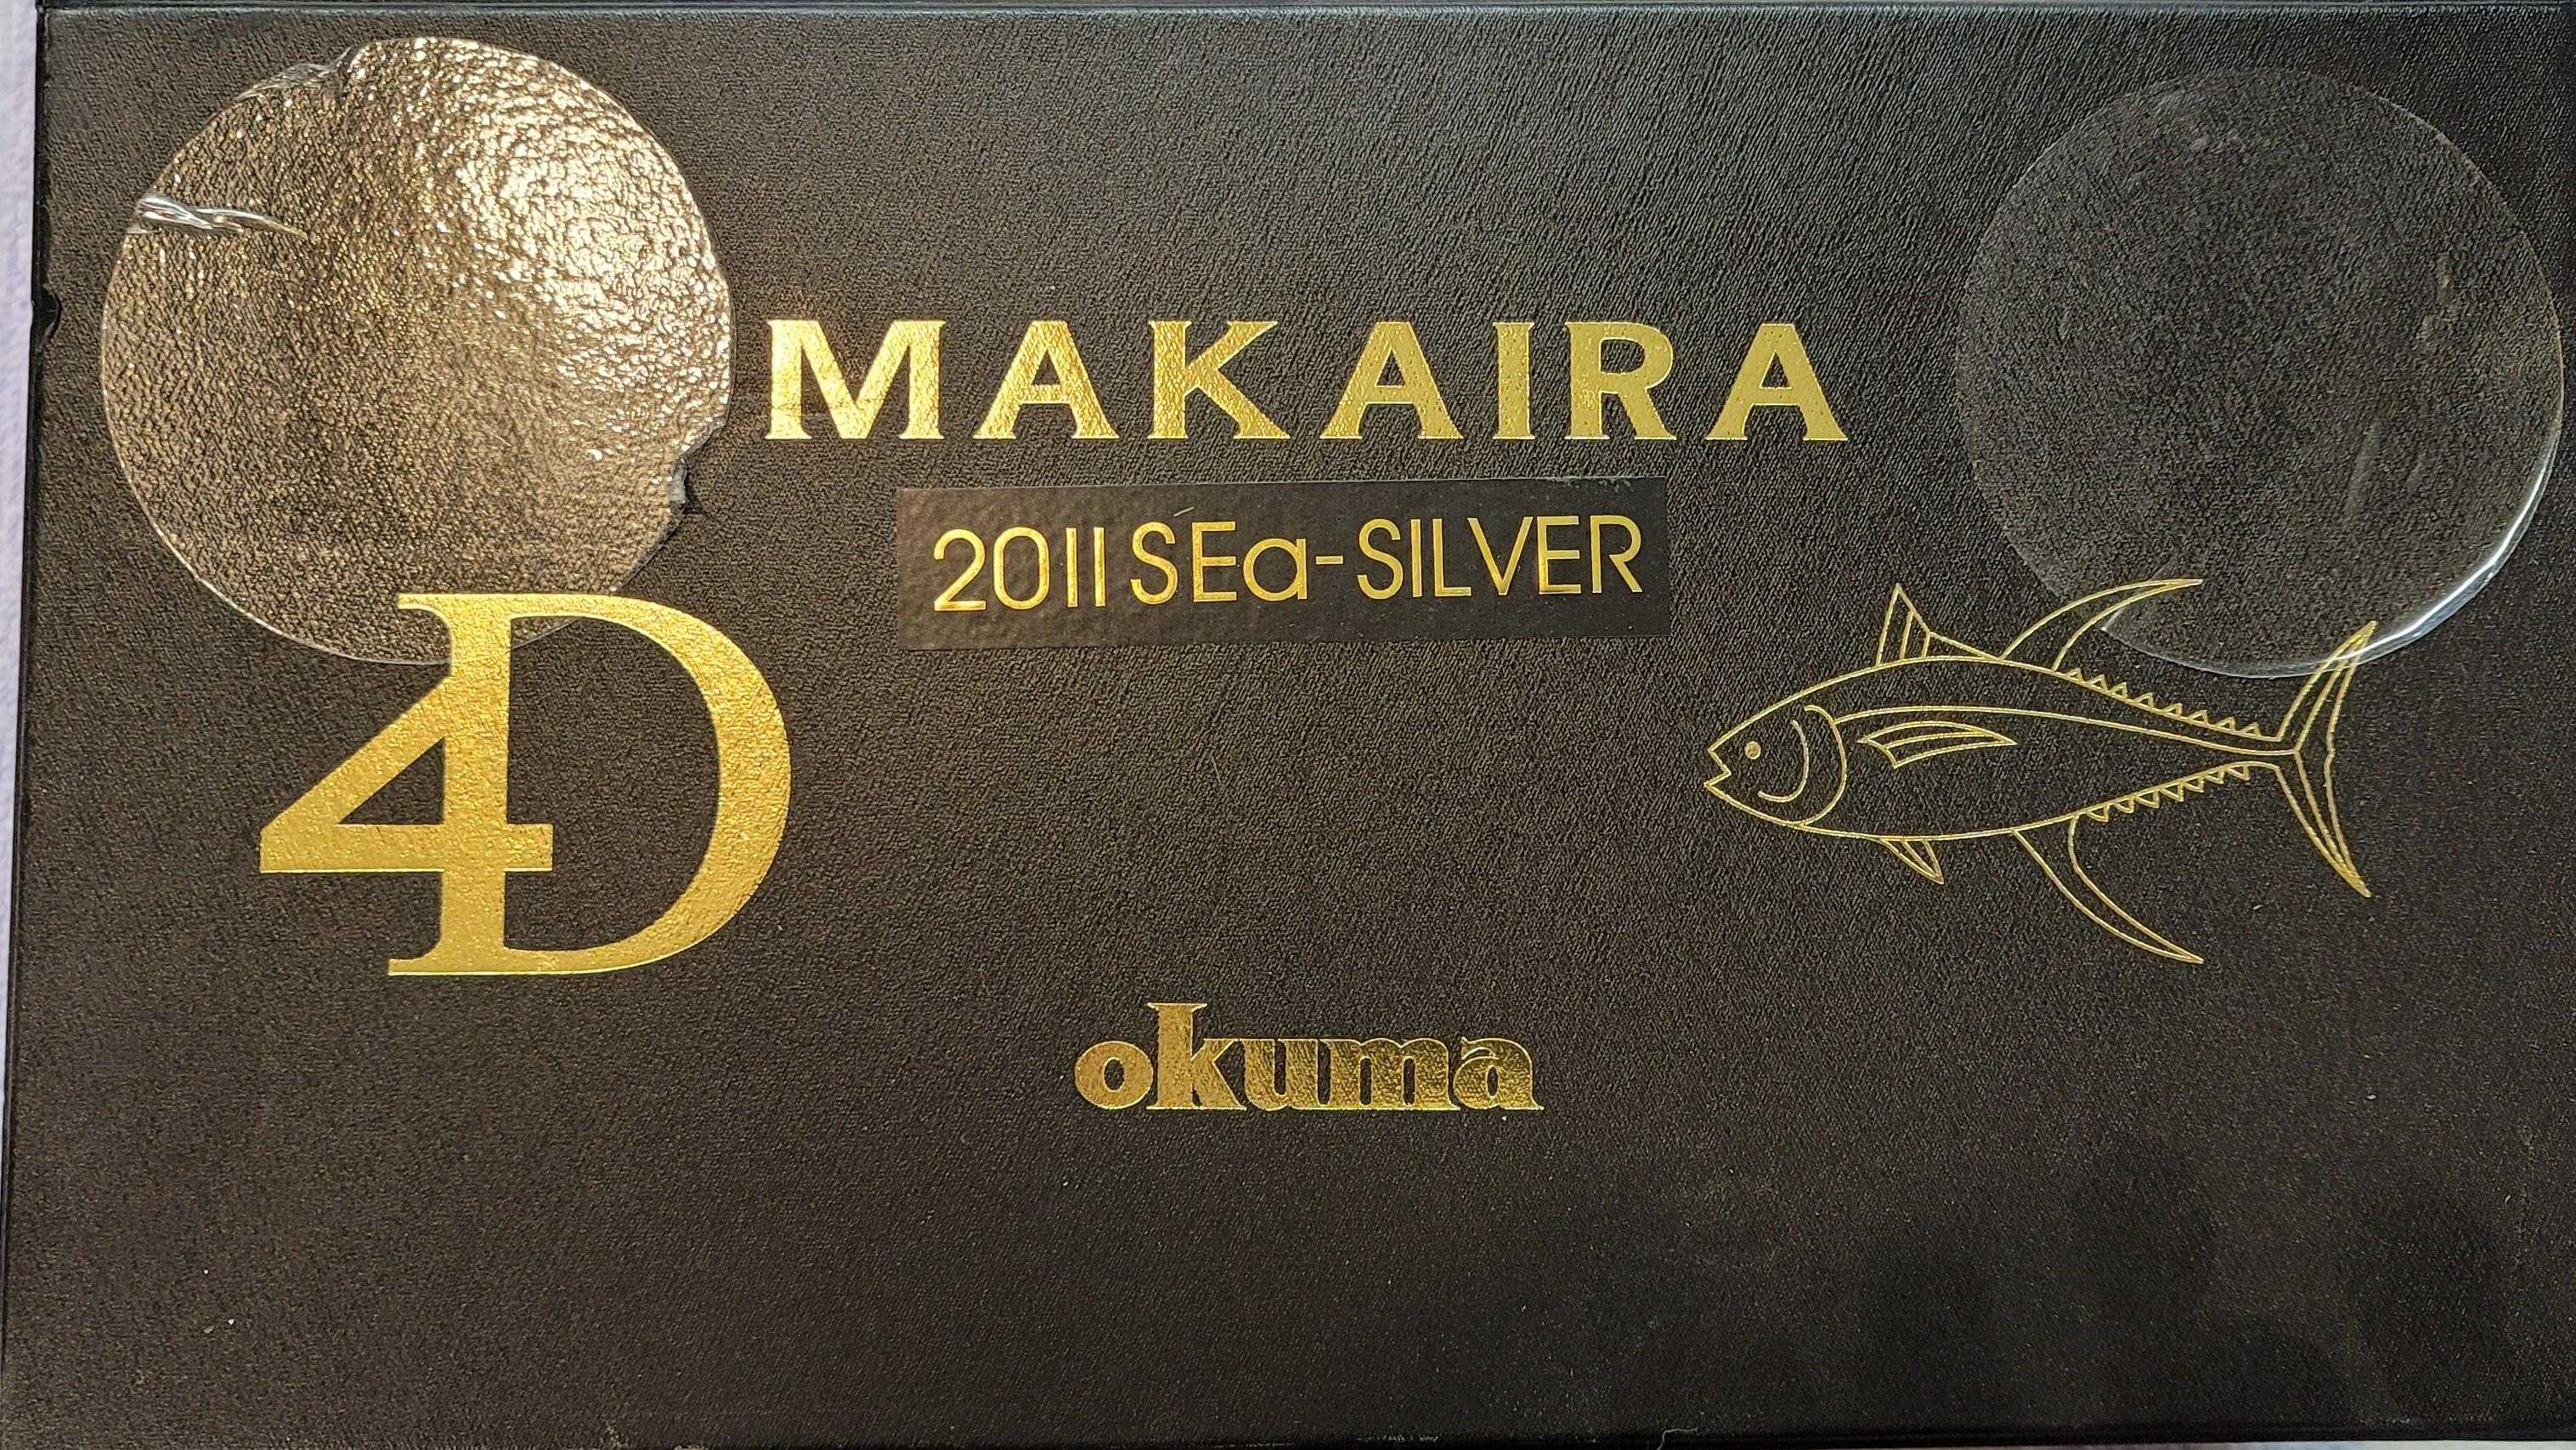 Makaira 20II SEa - Silver box.jpg